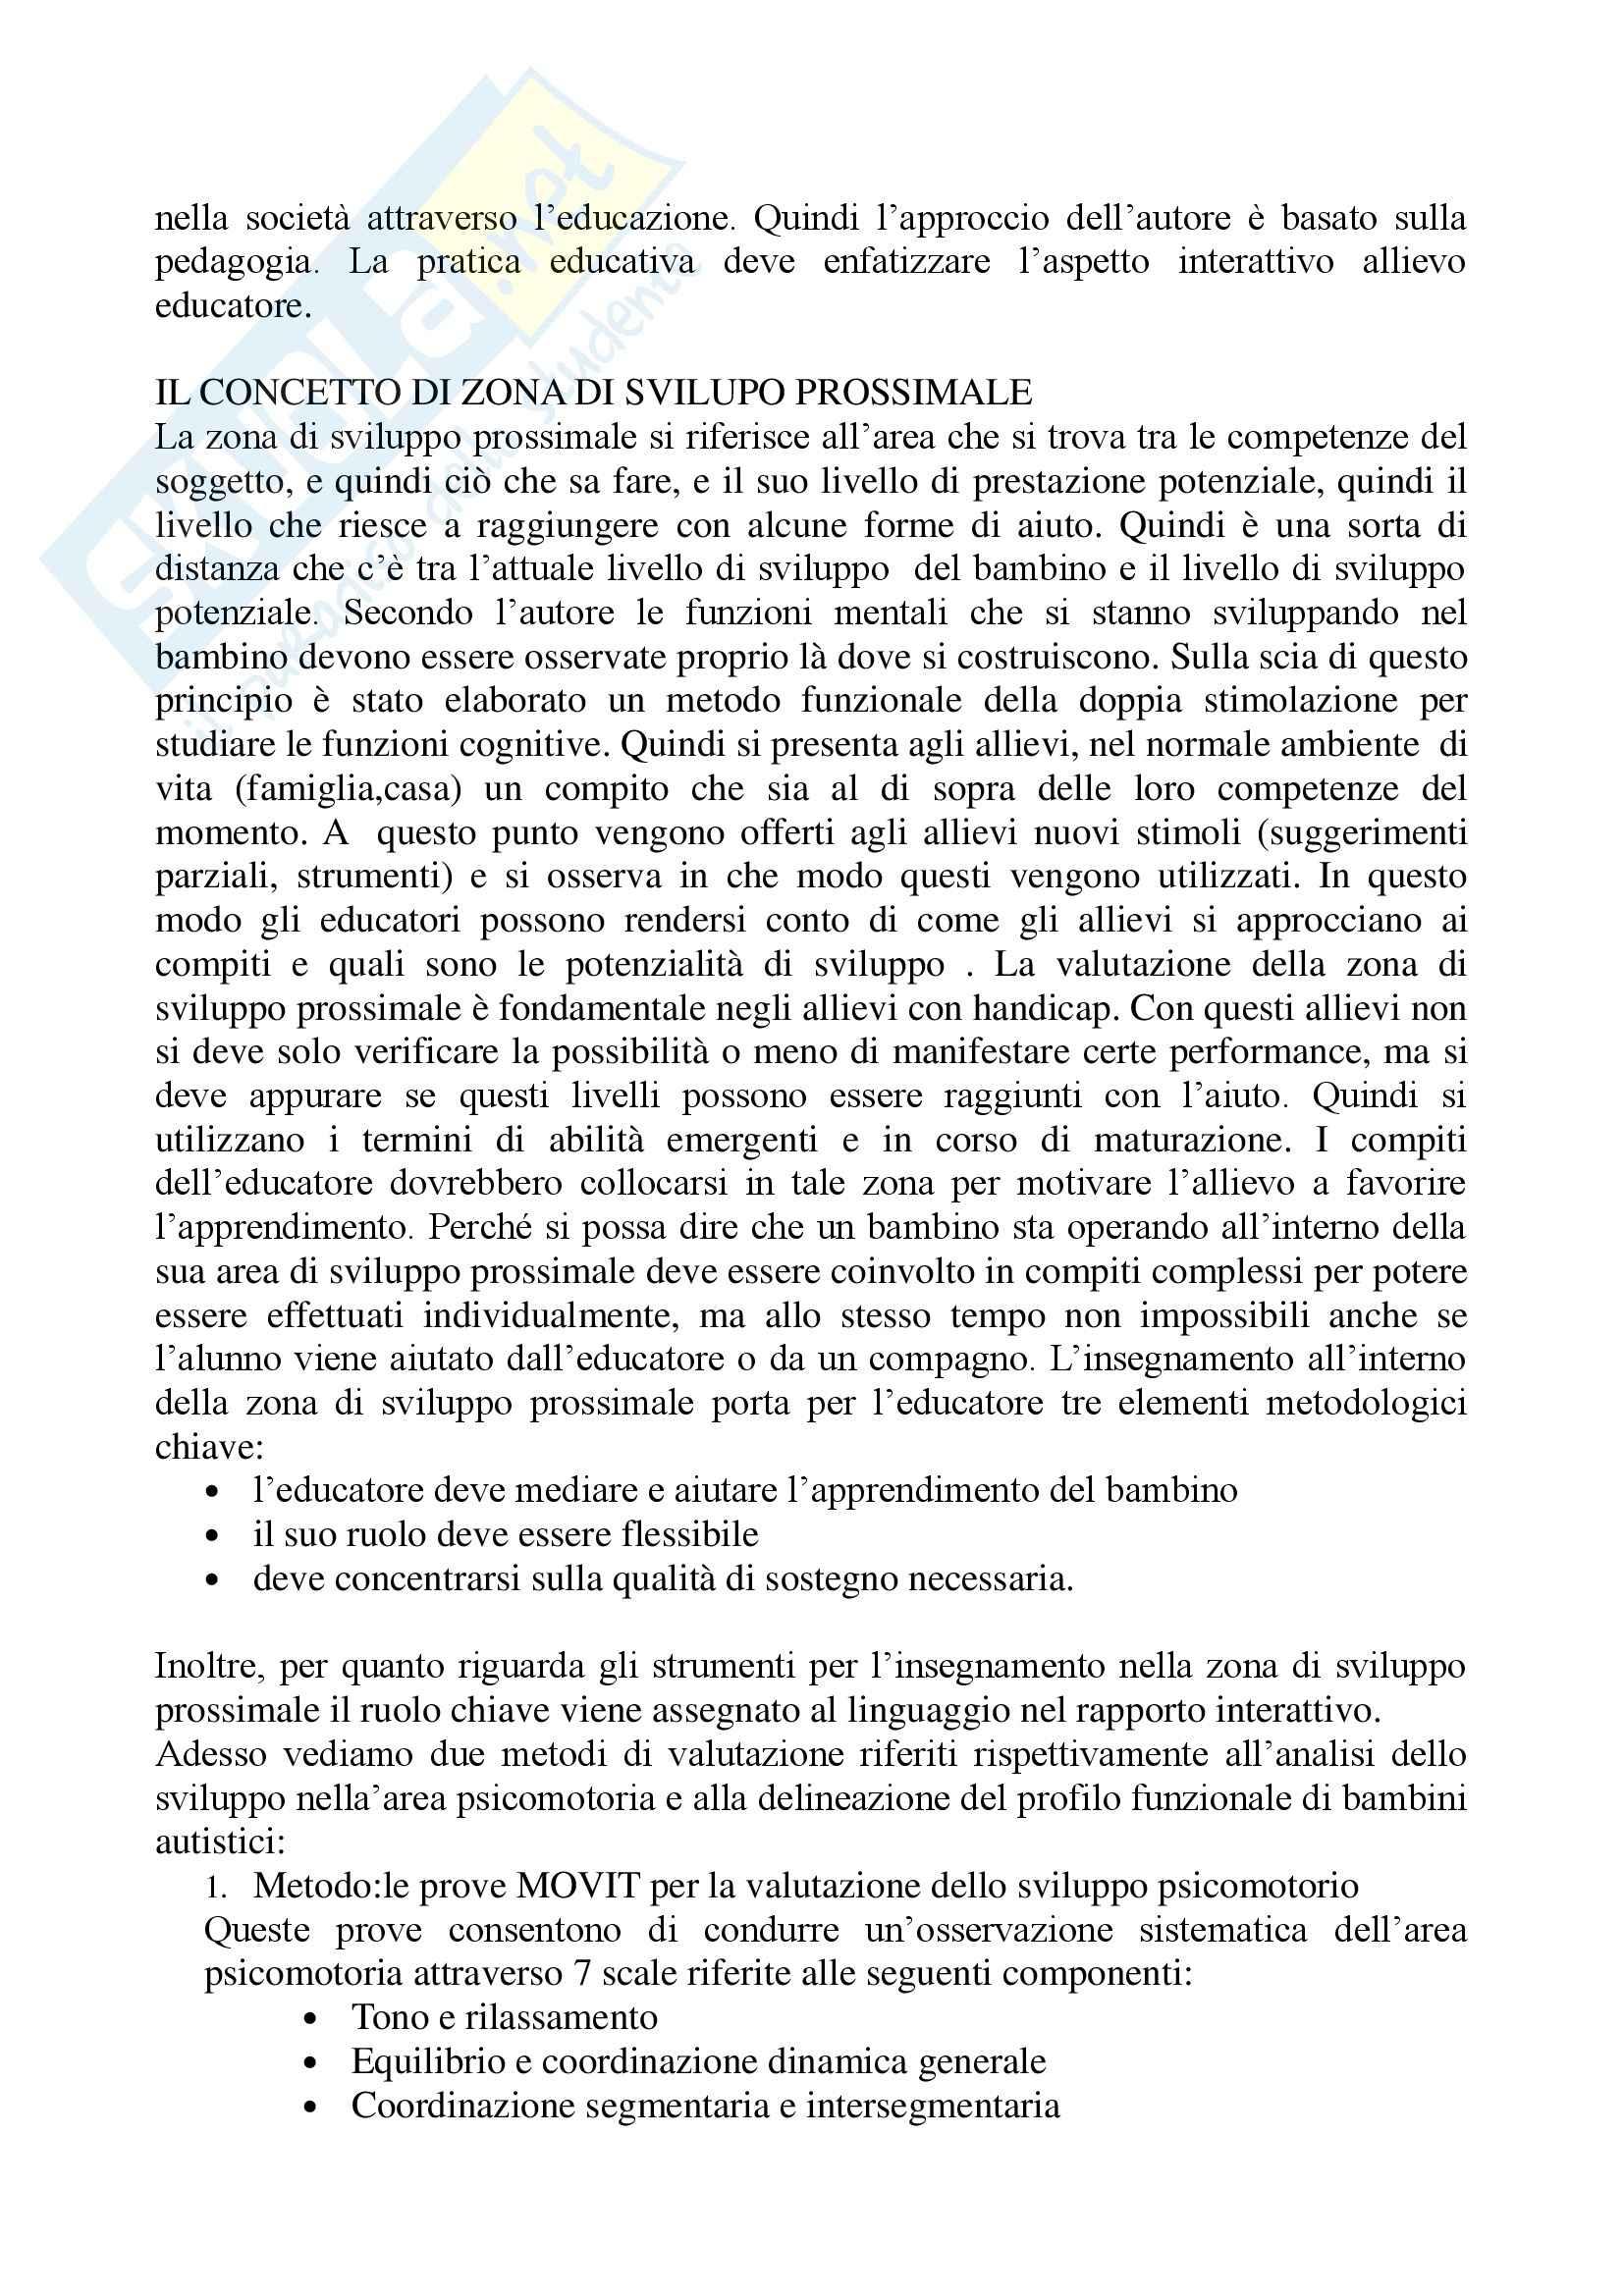 Pedagogia - metodi e tecniche di pedagogia riabilitativa - Riassunto esame, prof. Salmeri Pag. 6